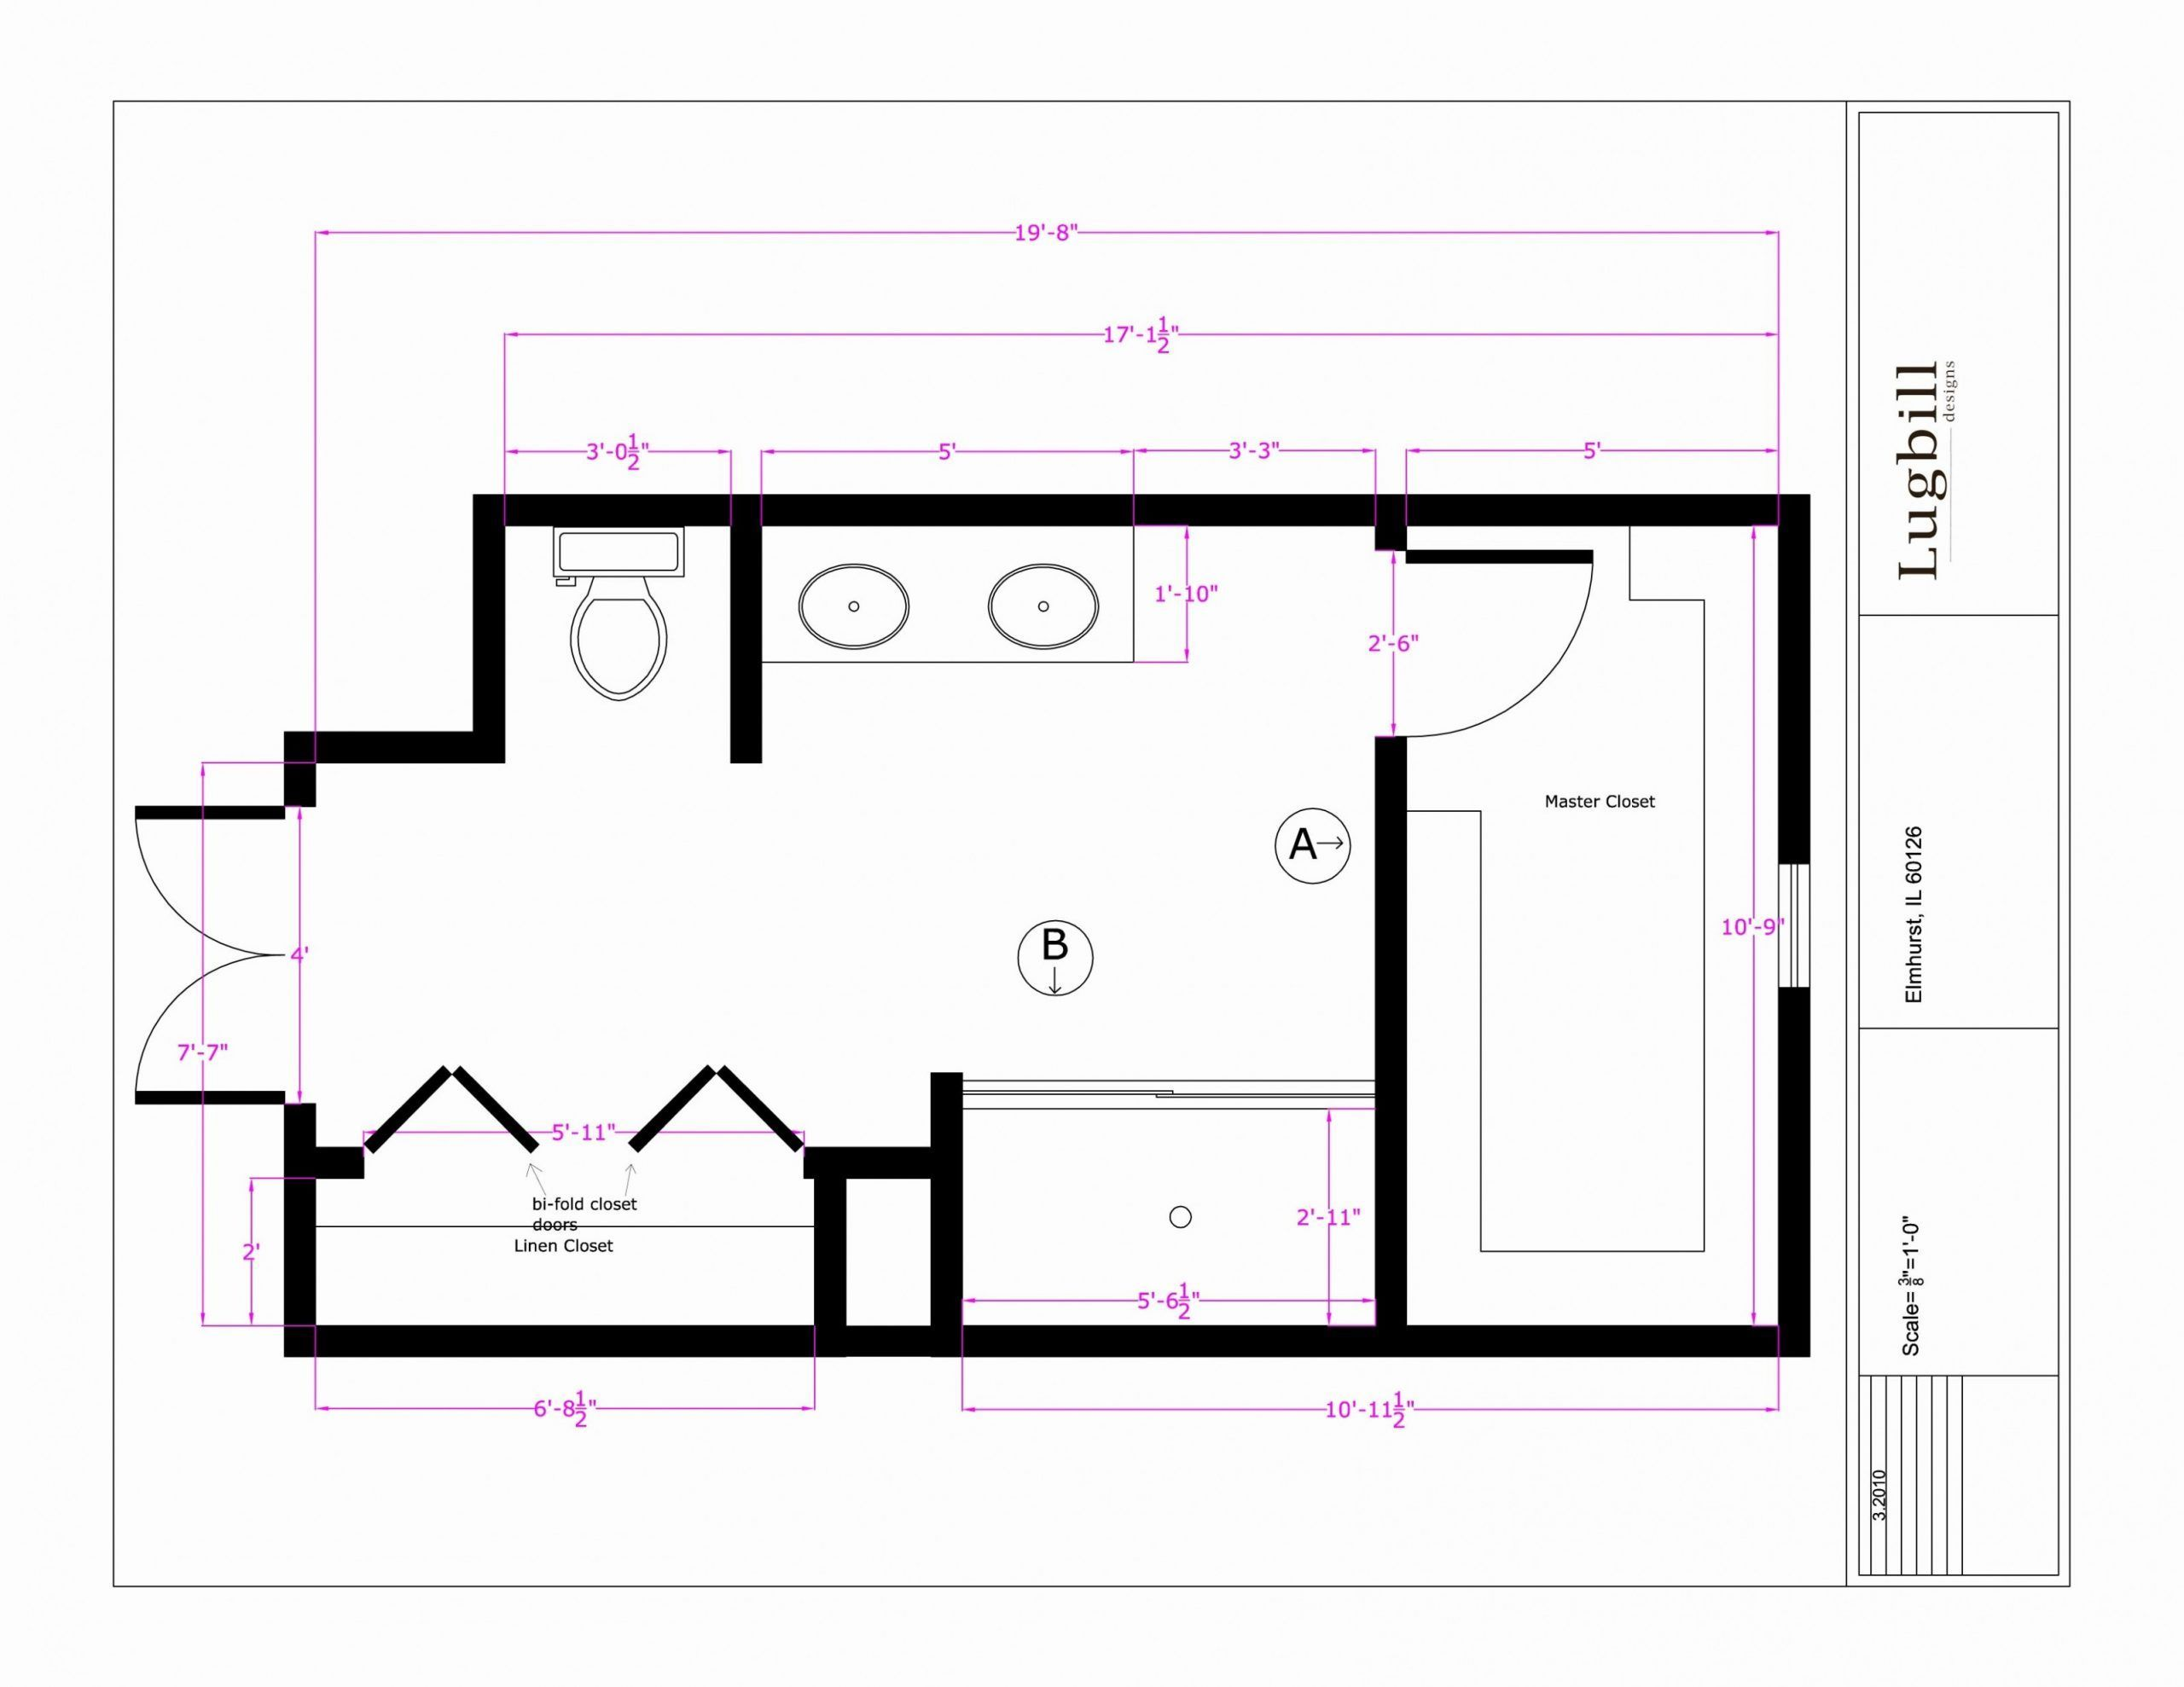 Small Bathroom Floor Plan Ideas Bathroom Floor Ideas Plan Small Bathroom Floor Plans Bathroom Layout Small Bathroom Floor Plans